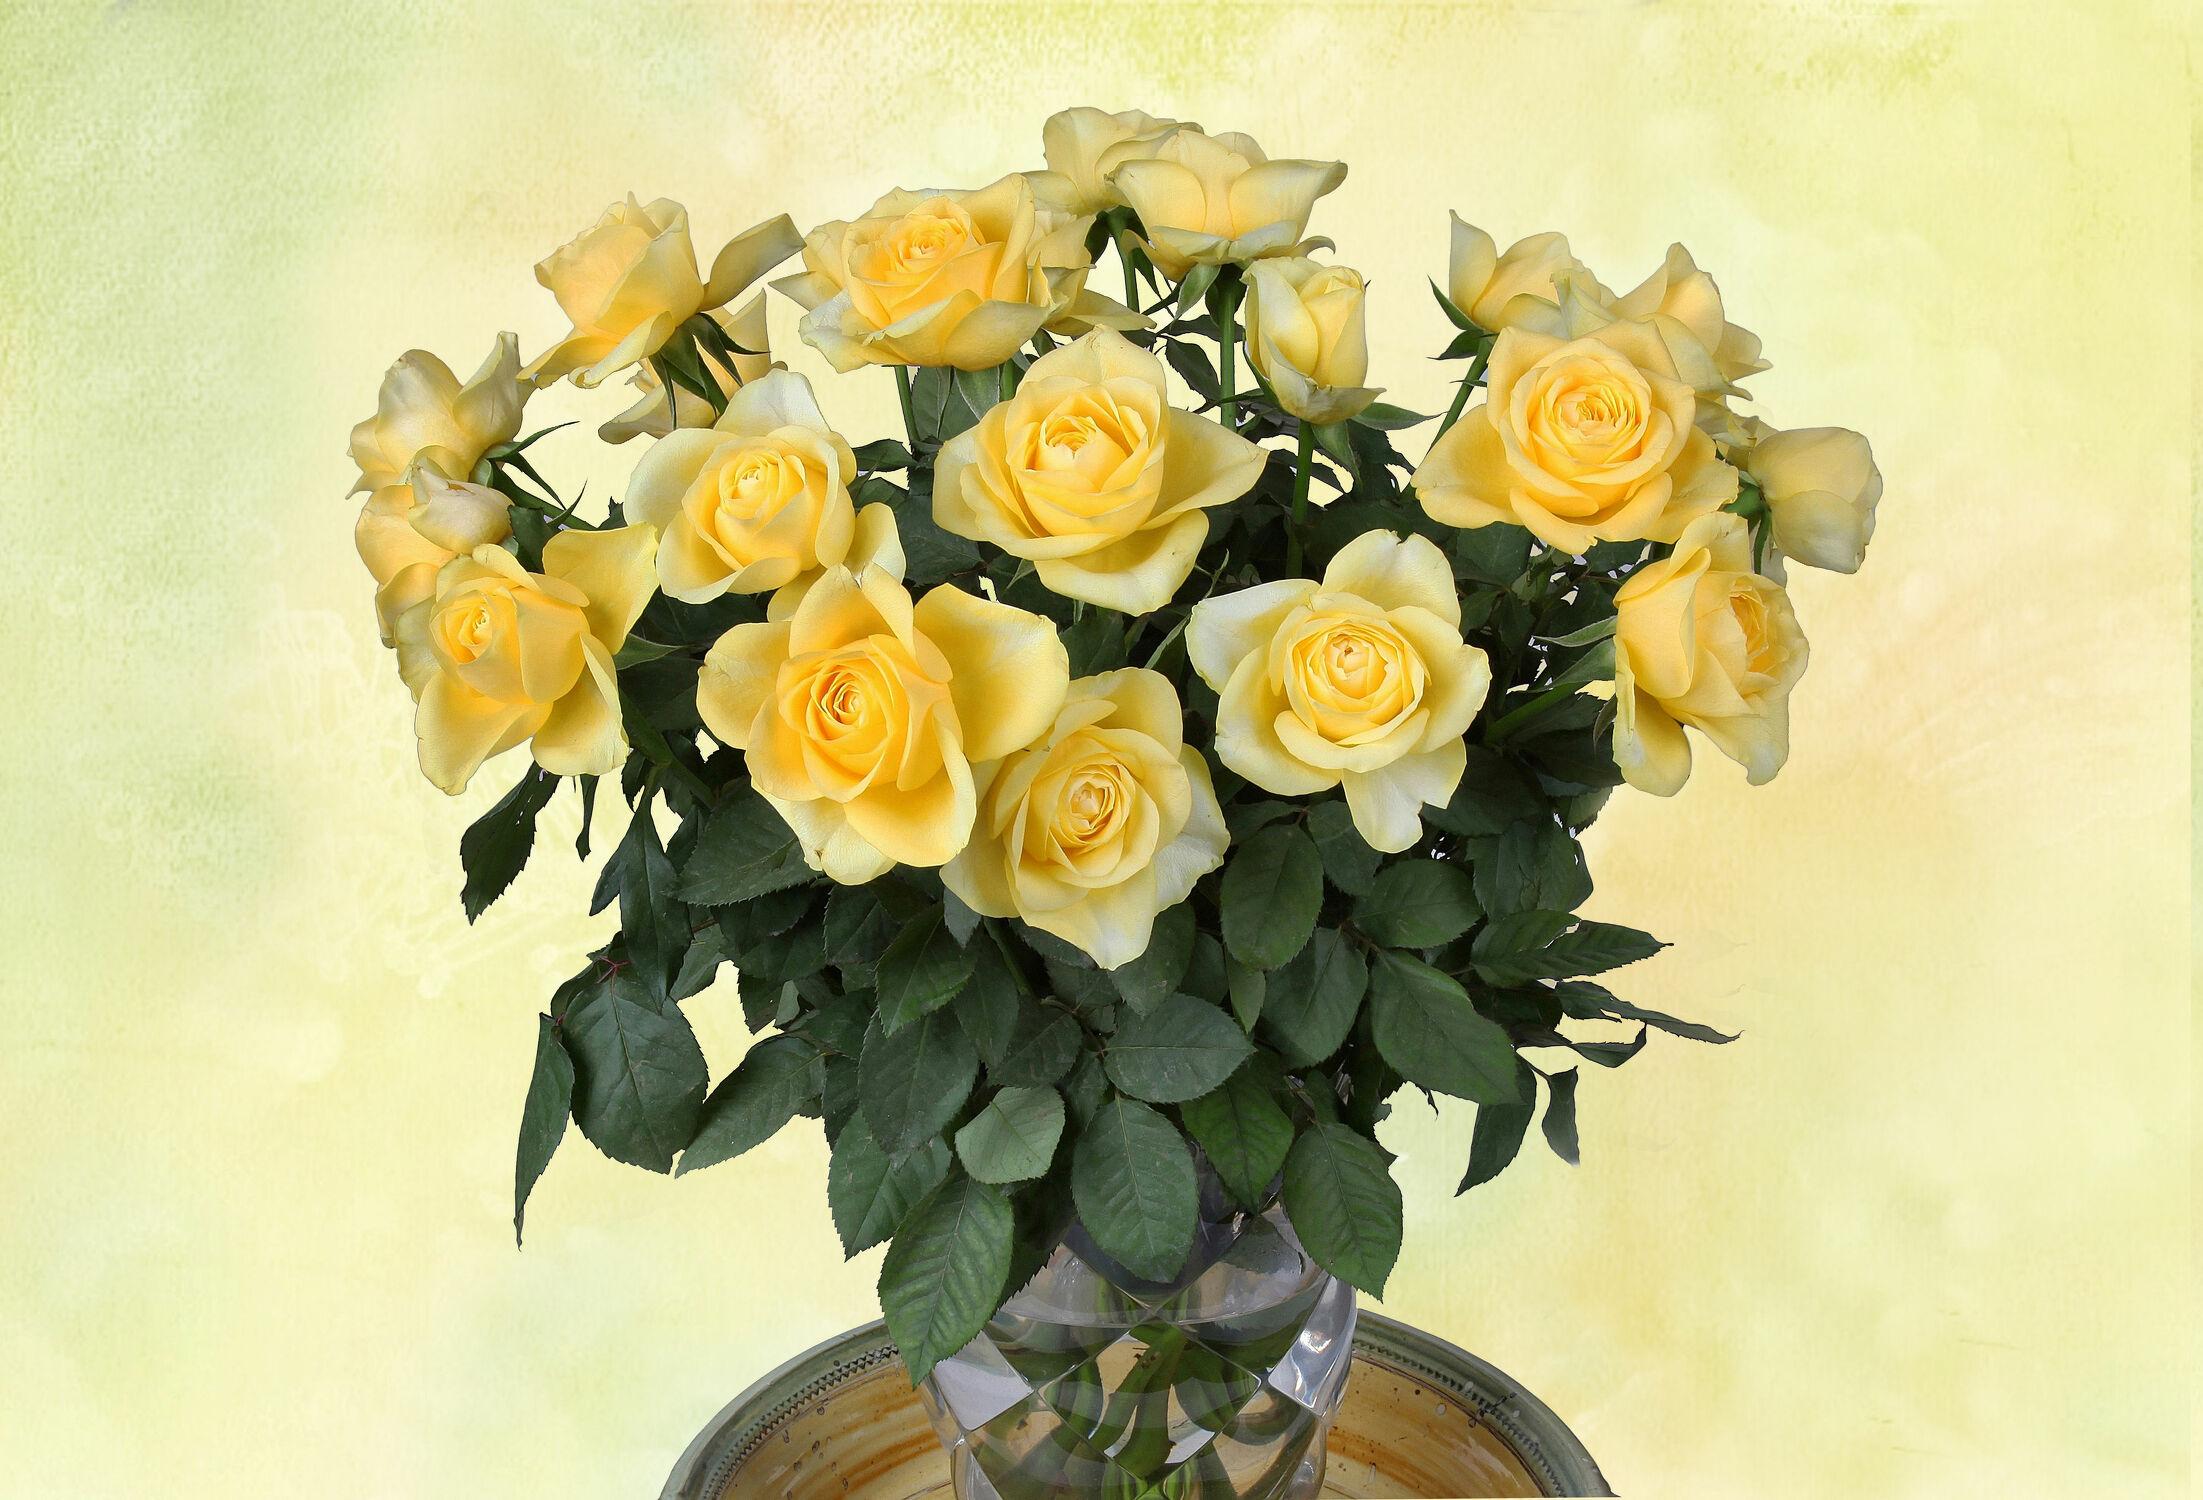 Bild mit Blumen, Rosen, Blume, Rose, gelbe Rosen, Floral, Stilleben, Blüten, Florales, blüte, vase